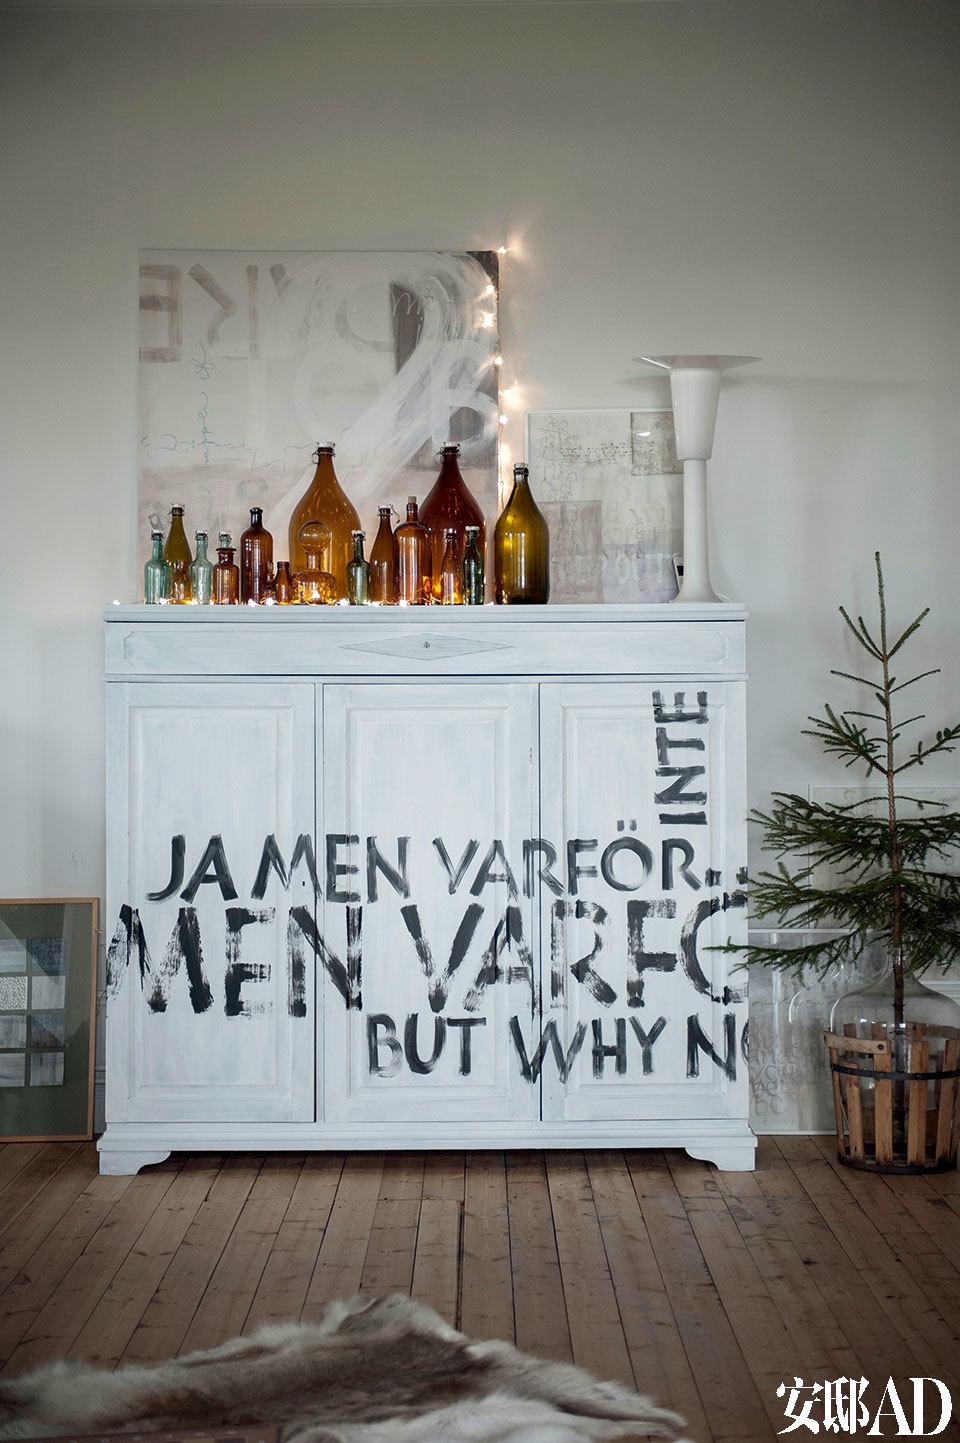 """漂亮的木制品、精致的瓶瓶罐罐,都是最受青睐的圣诞装饰元素。客厅白色柜面上涂写的""""Yes,but why not""""是Ylva最喜爱的一段表达,柜子上还摆放着许多瓶瓶罐罐和美妙精致的蜡烛。"""